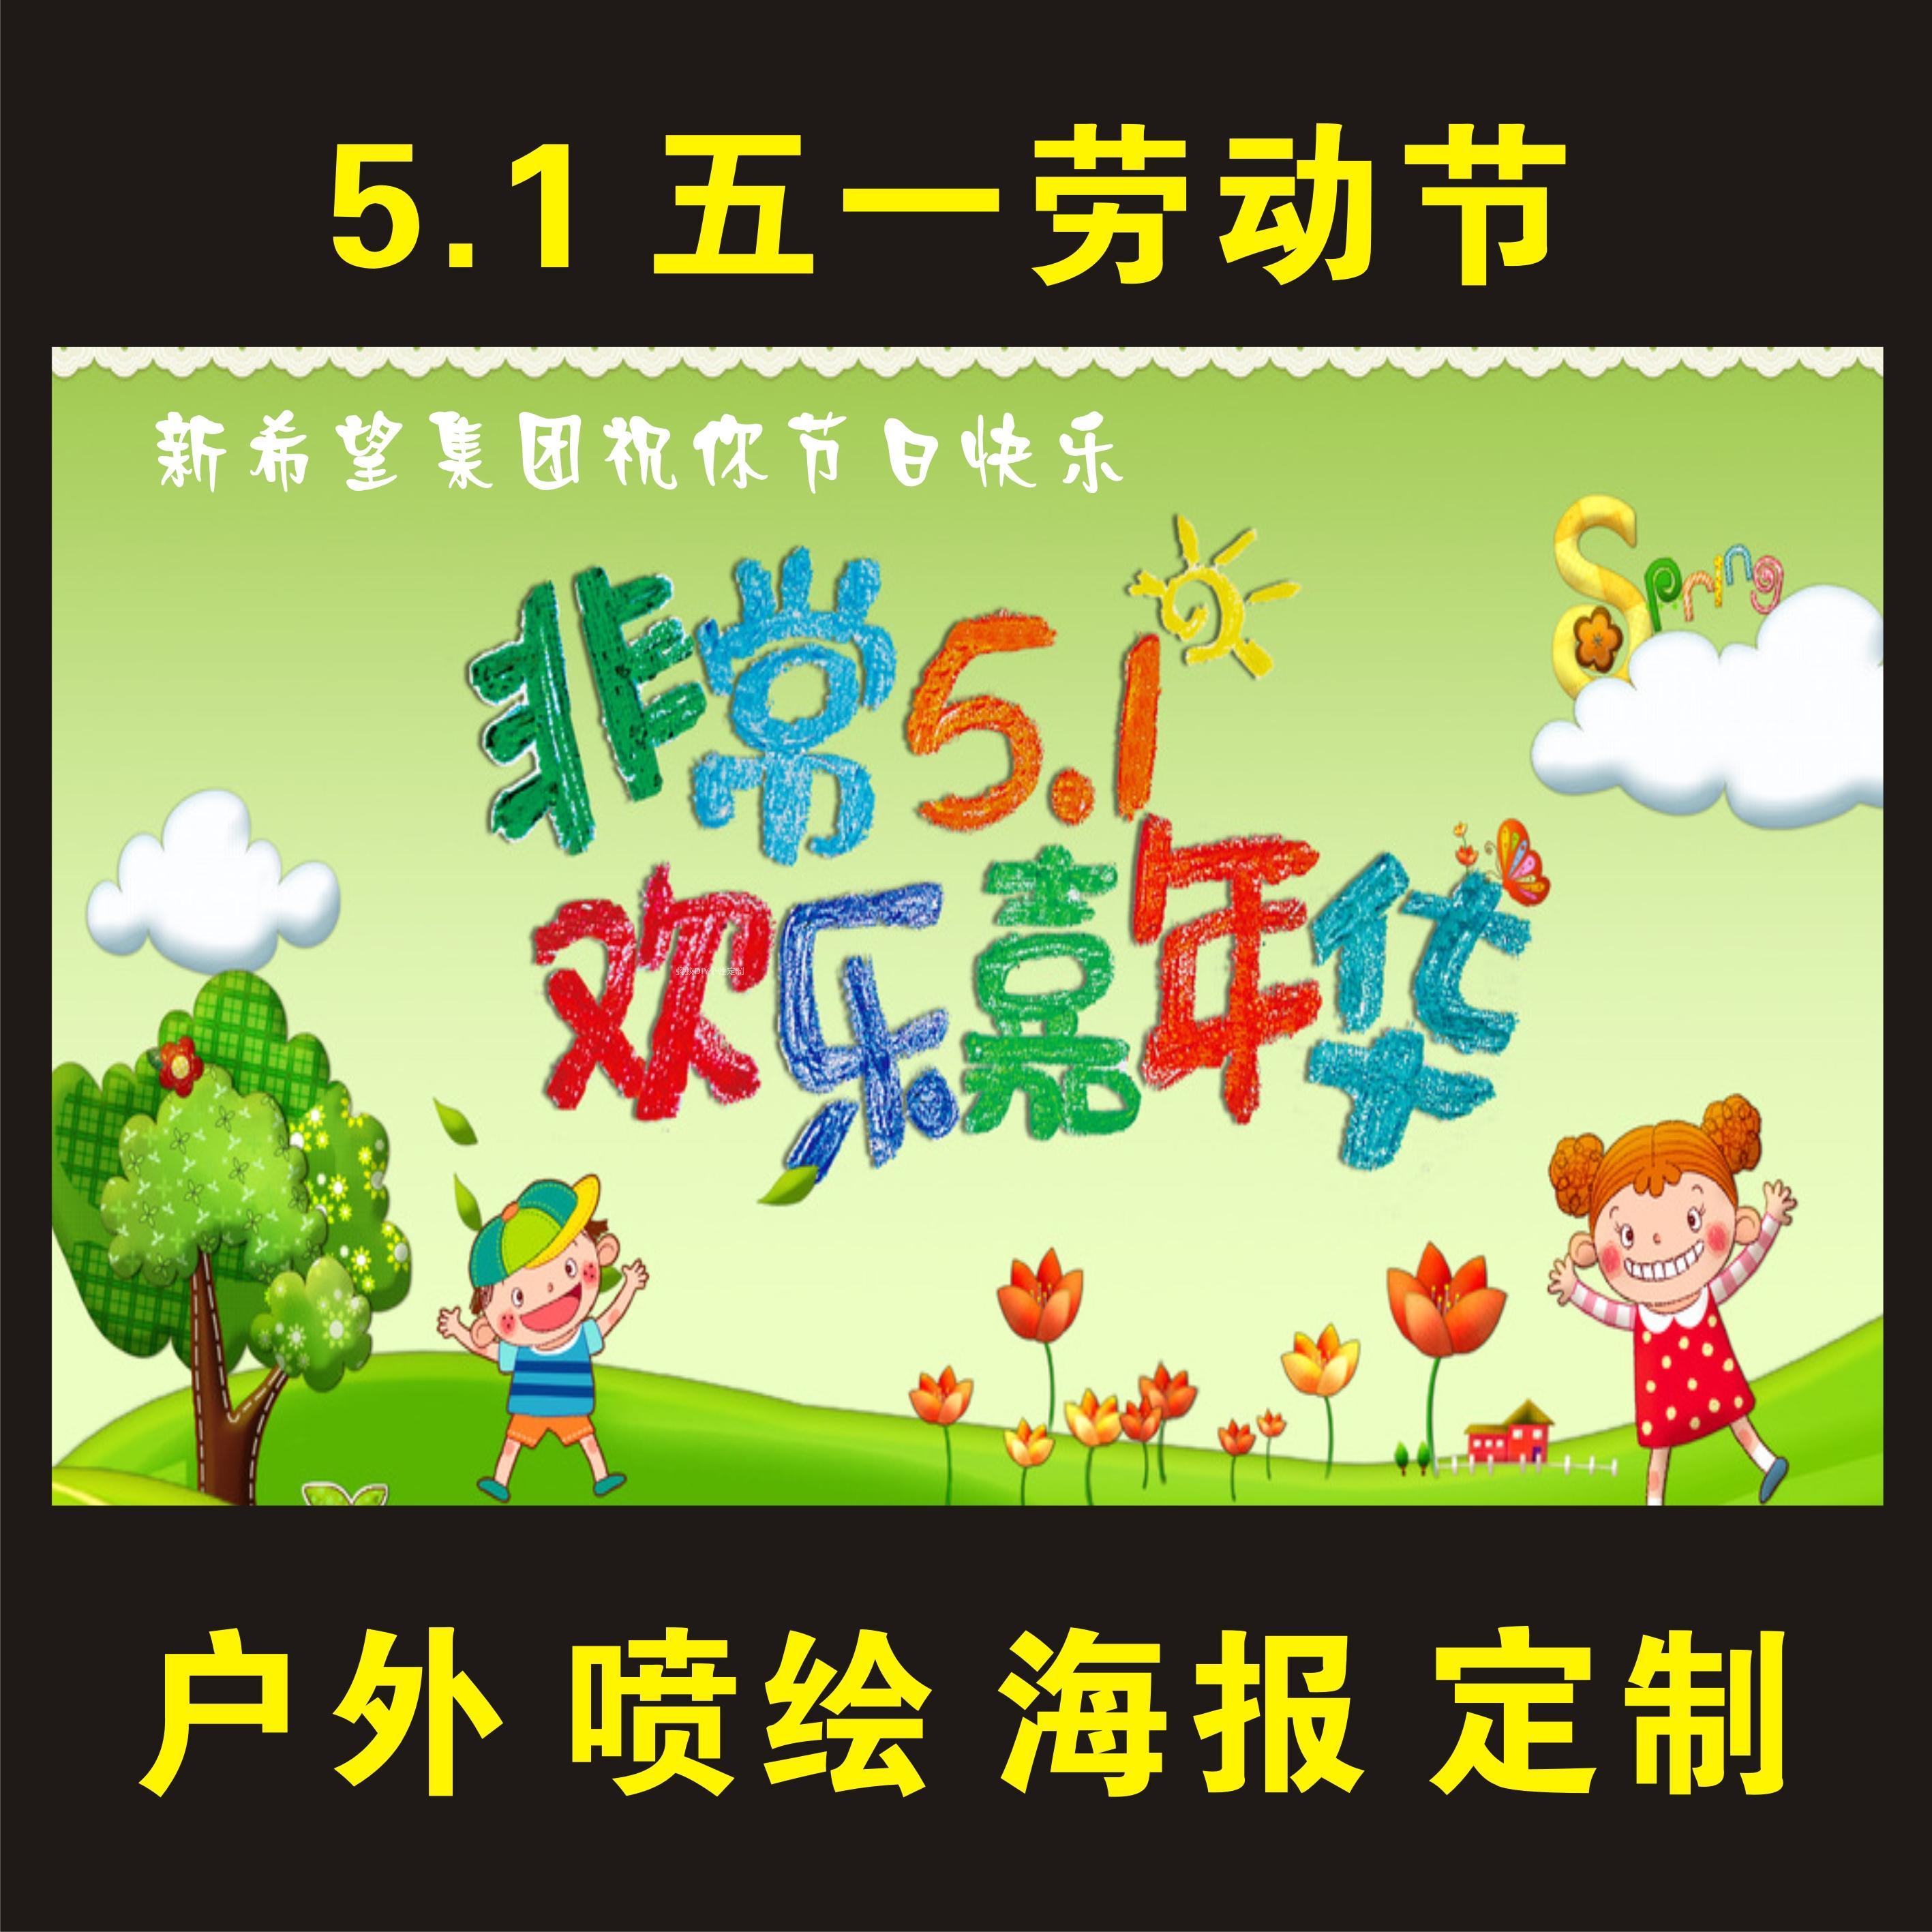 五一劳动节儿童节公司幼儿园活动背景墙喷绘海报签到墙大画面定制